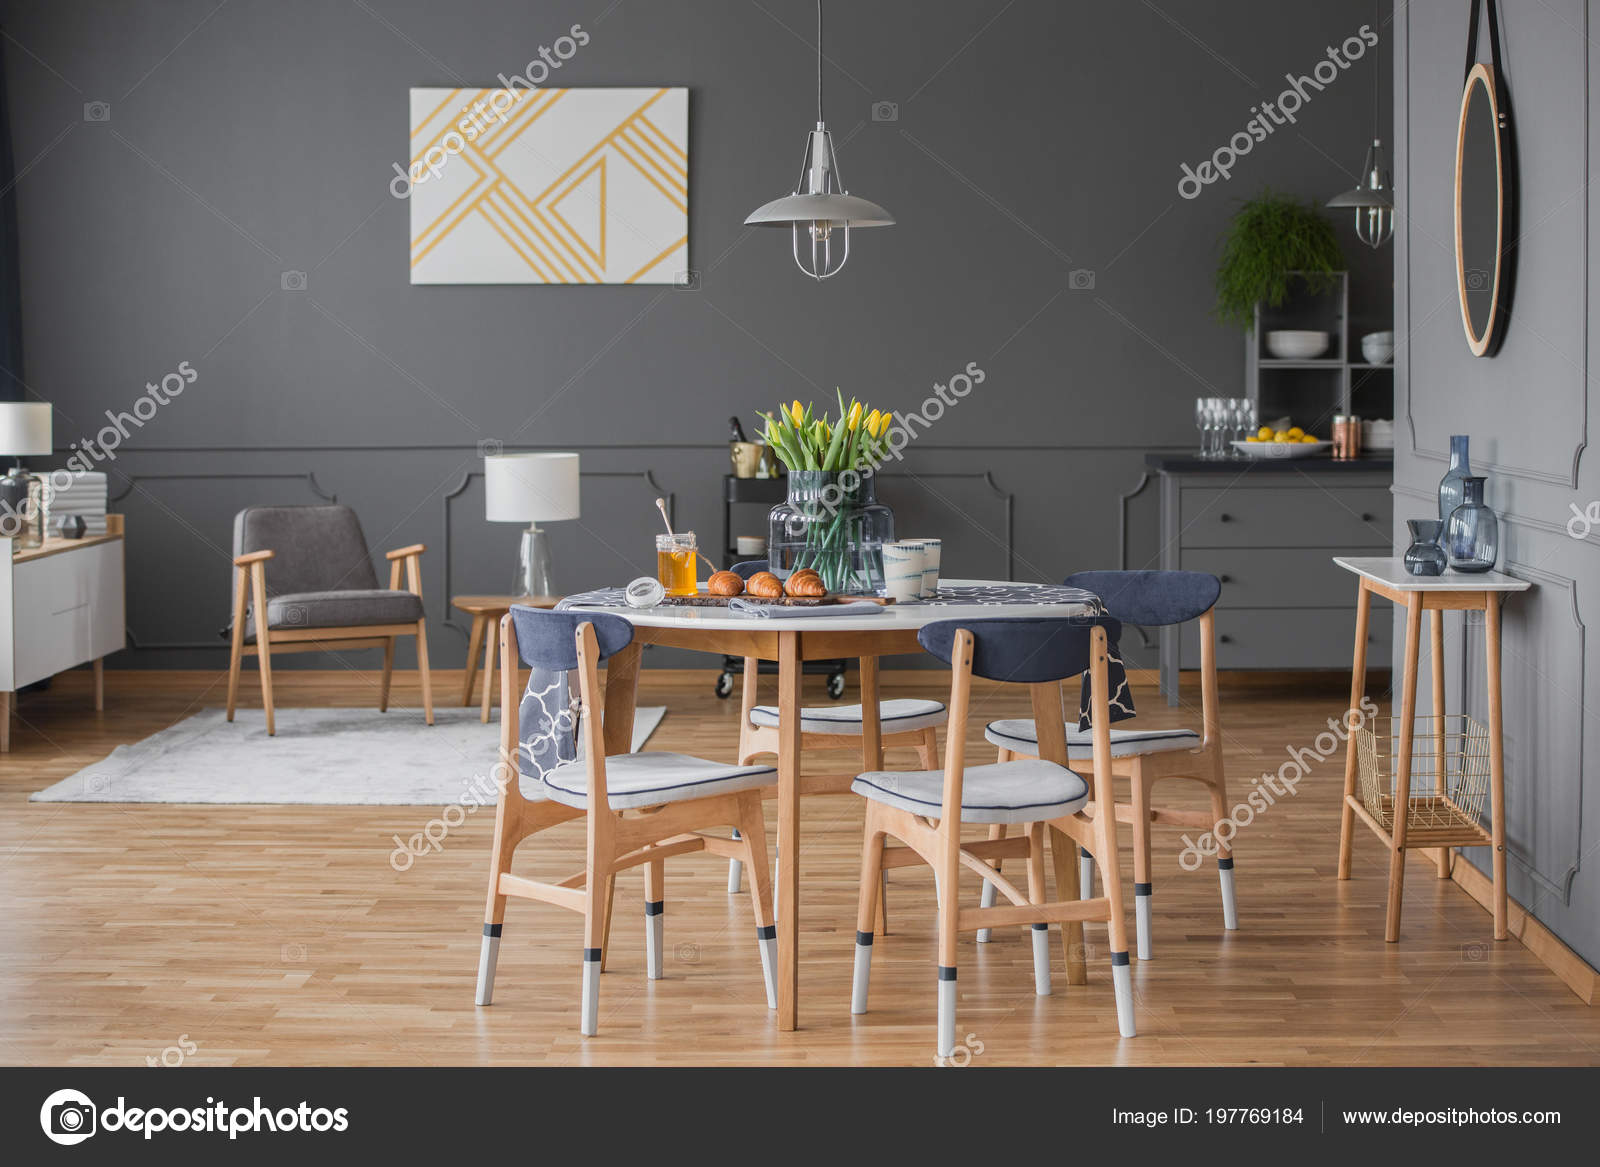 Salle A Manger Mur Gris destiné intérieur salle manger spacieuse avec bâti mur gris table chaises